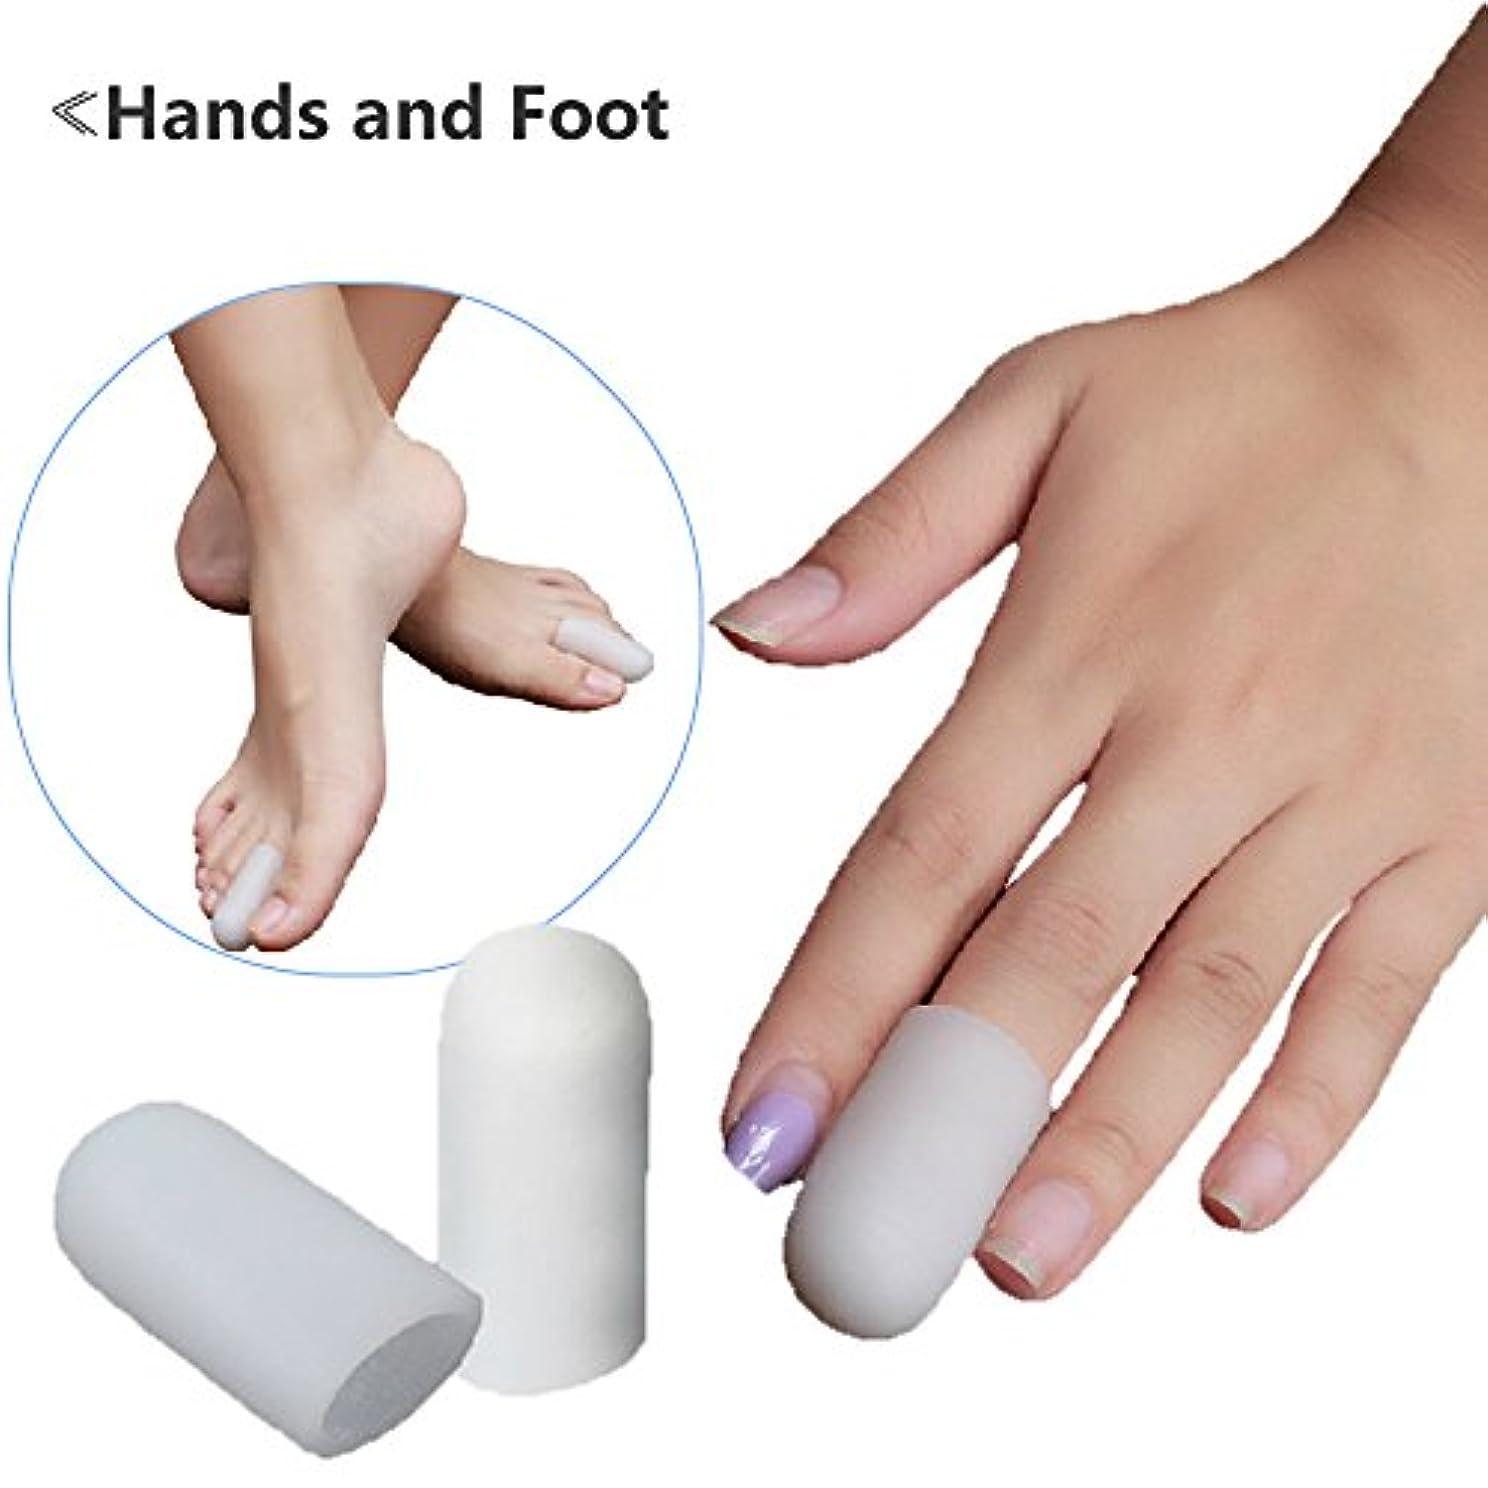 お風呂失礼な赤外線つま先プロテクター ランニング時の足先のつめ保護キャップ,指キャップ,〈2個入〉 (M(3.5cm))